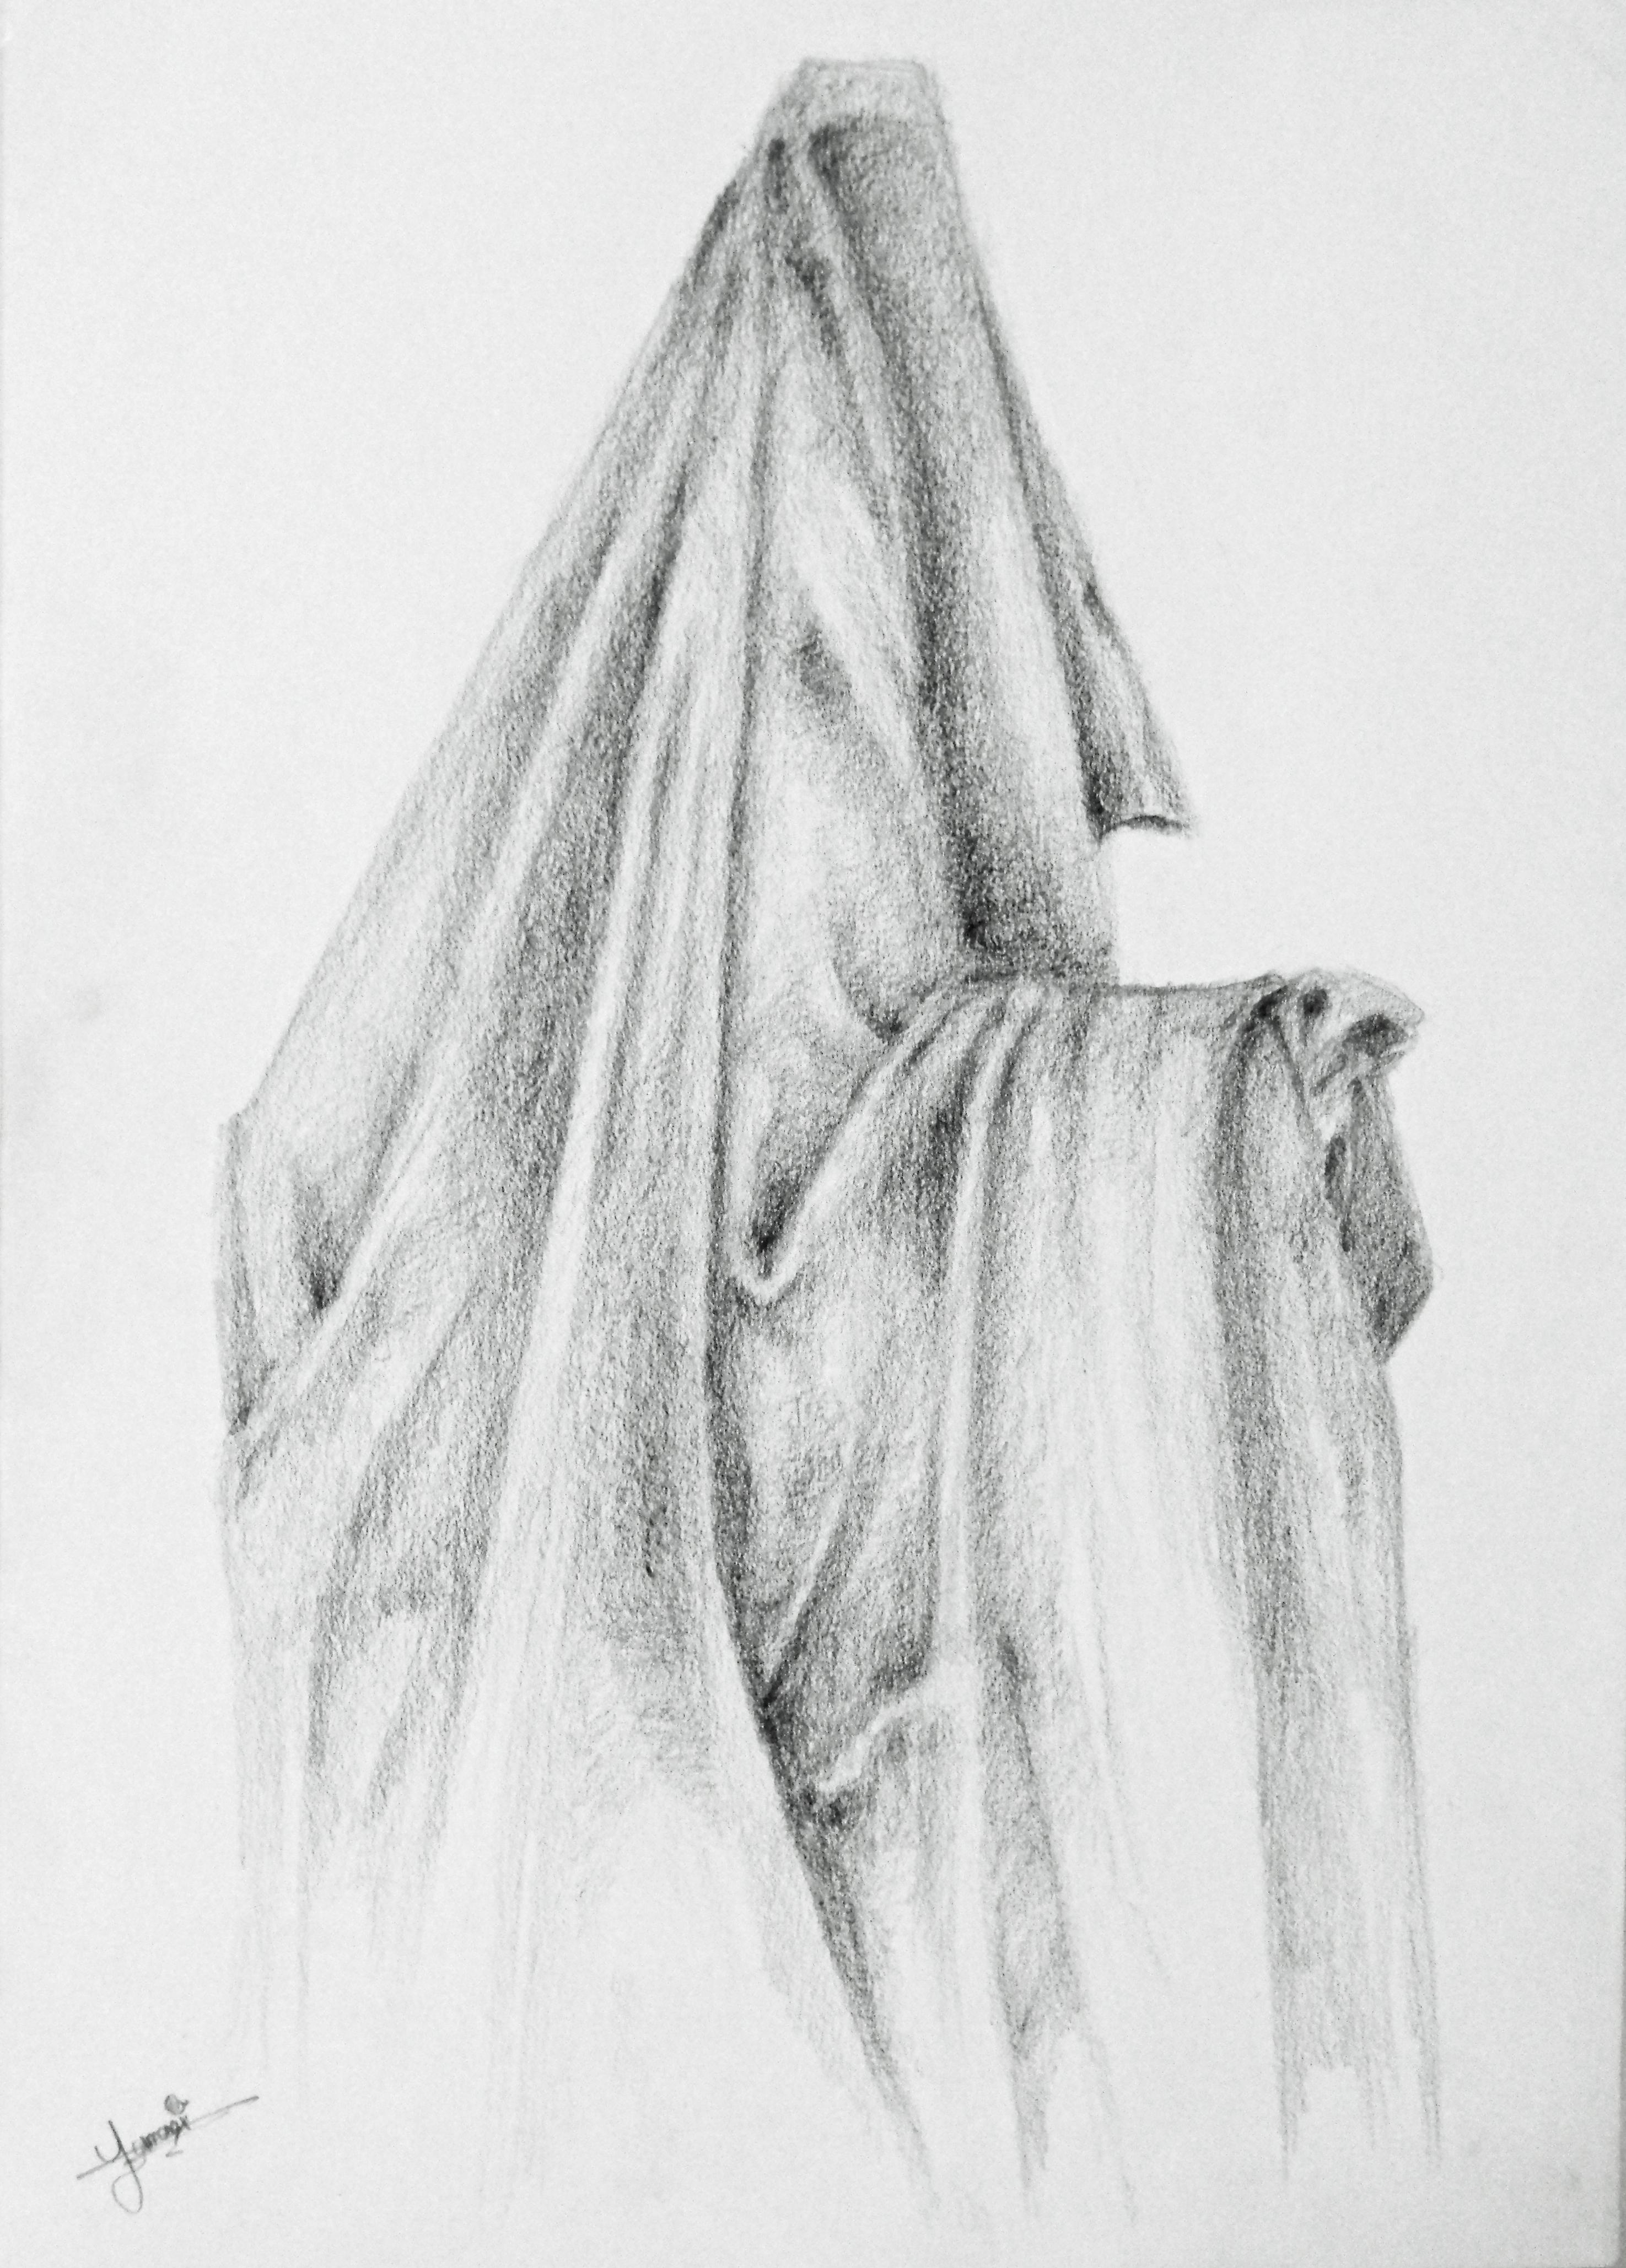 Drawn pyramid pencil Using 2B Pencil of shadow